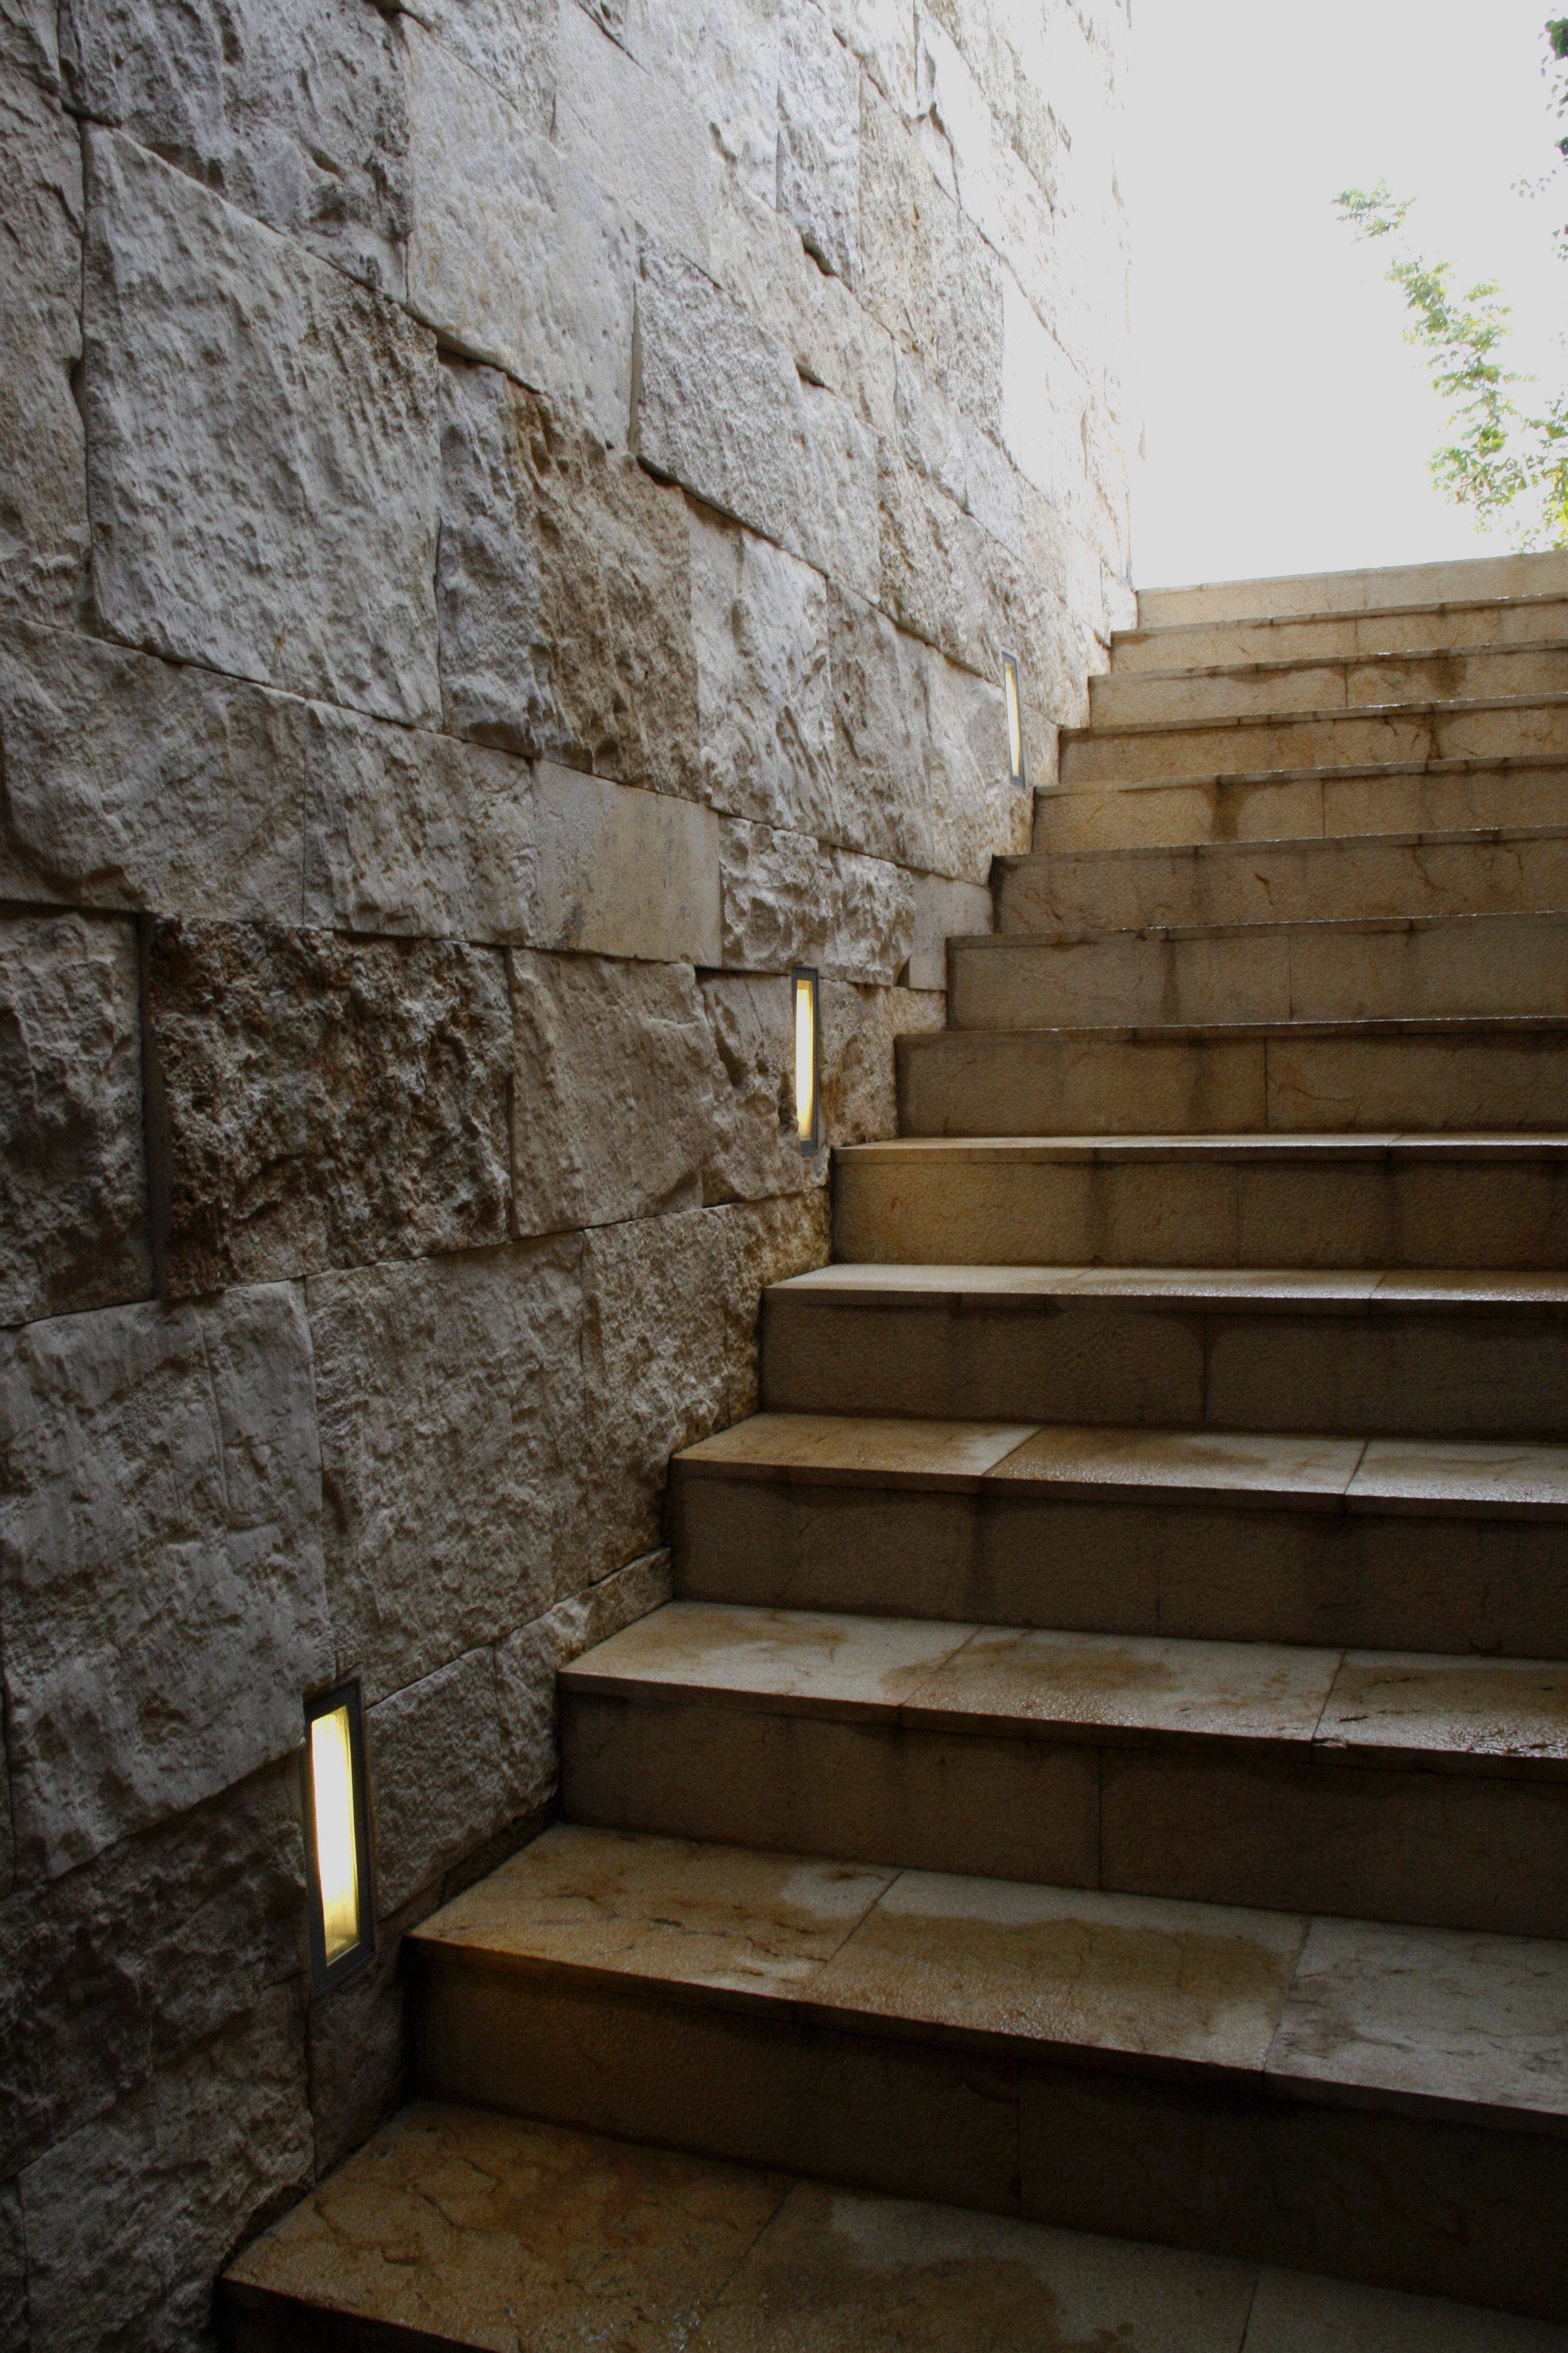 Casa ss escalera de m rmol muro de piedra iluminaci n for Imagenes de piedra marmol